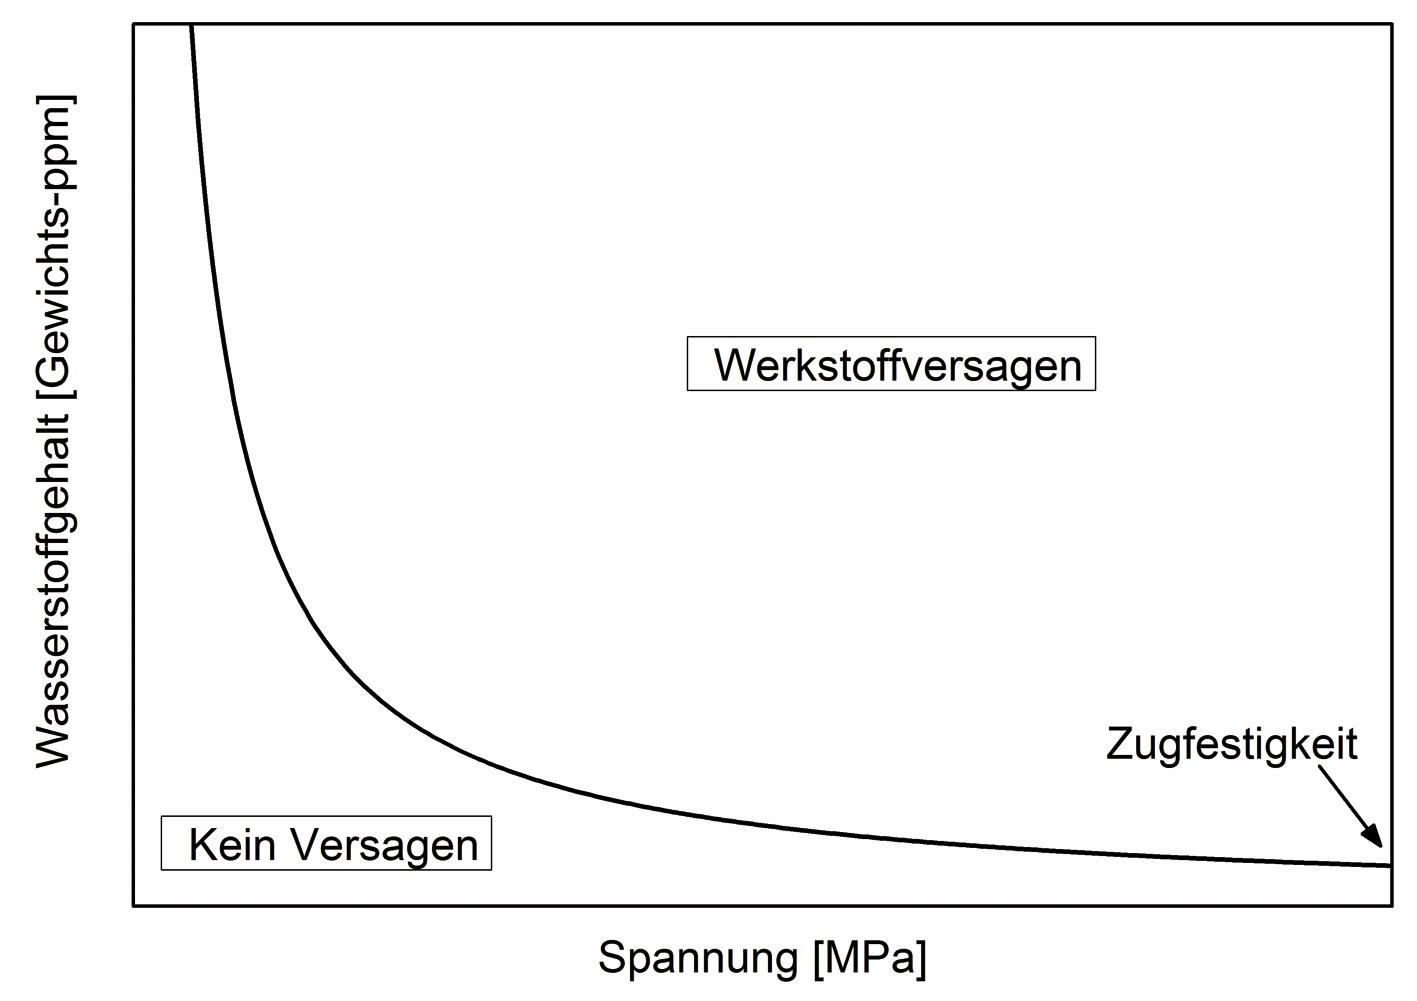 Bild 2 Schematische Darstellung des Versagensbereichs bei statischer Zugbeanspruchung und vorliegender Wasserstoffversprödung. Bild: Fraunhofer IWM